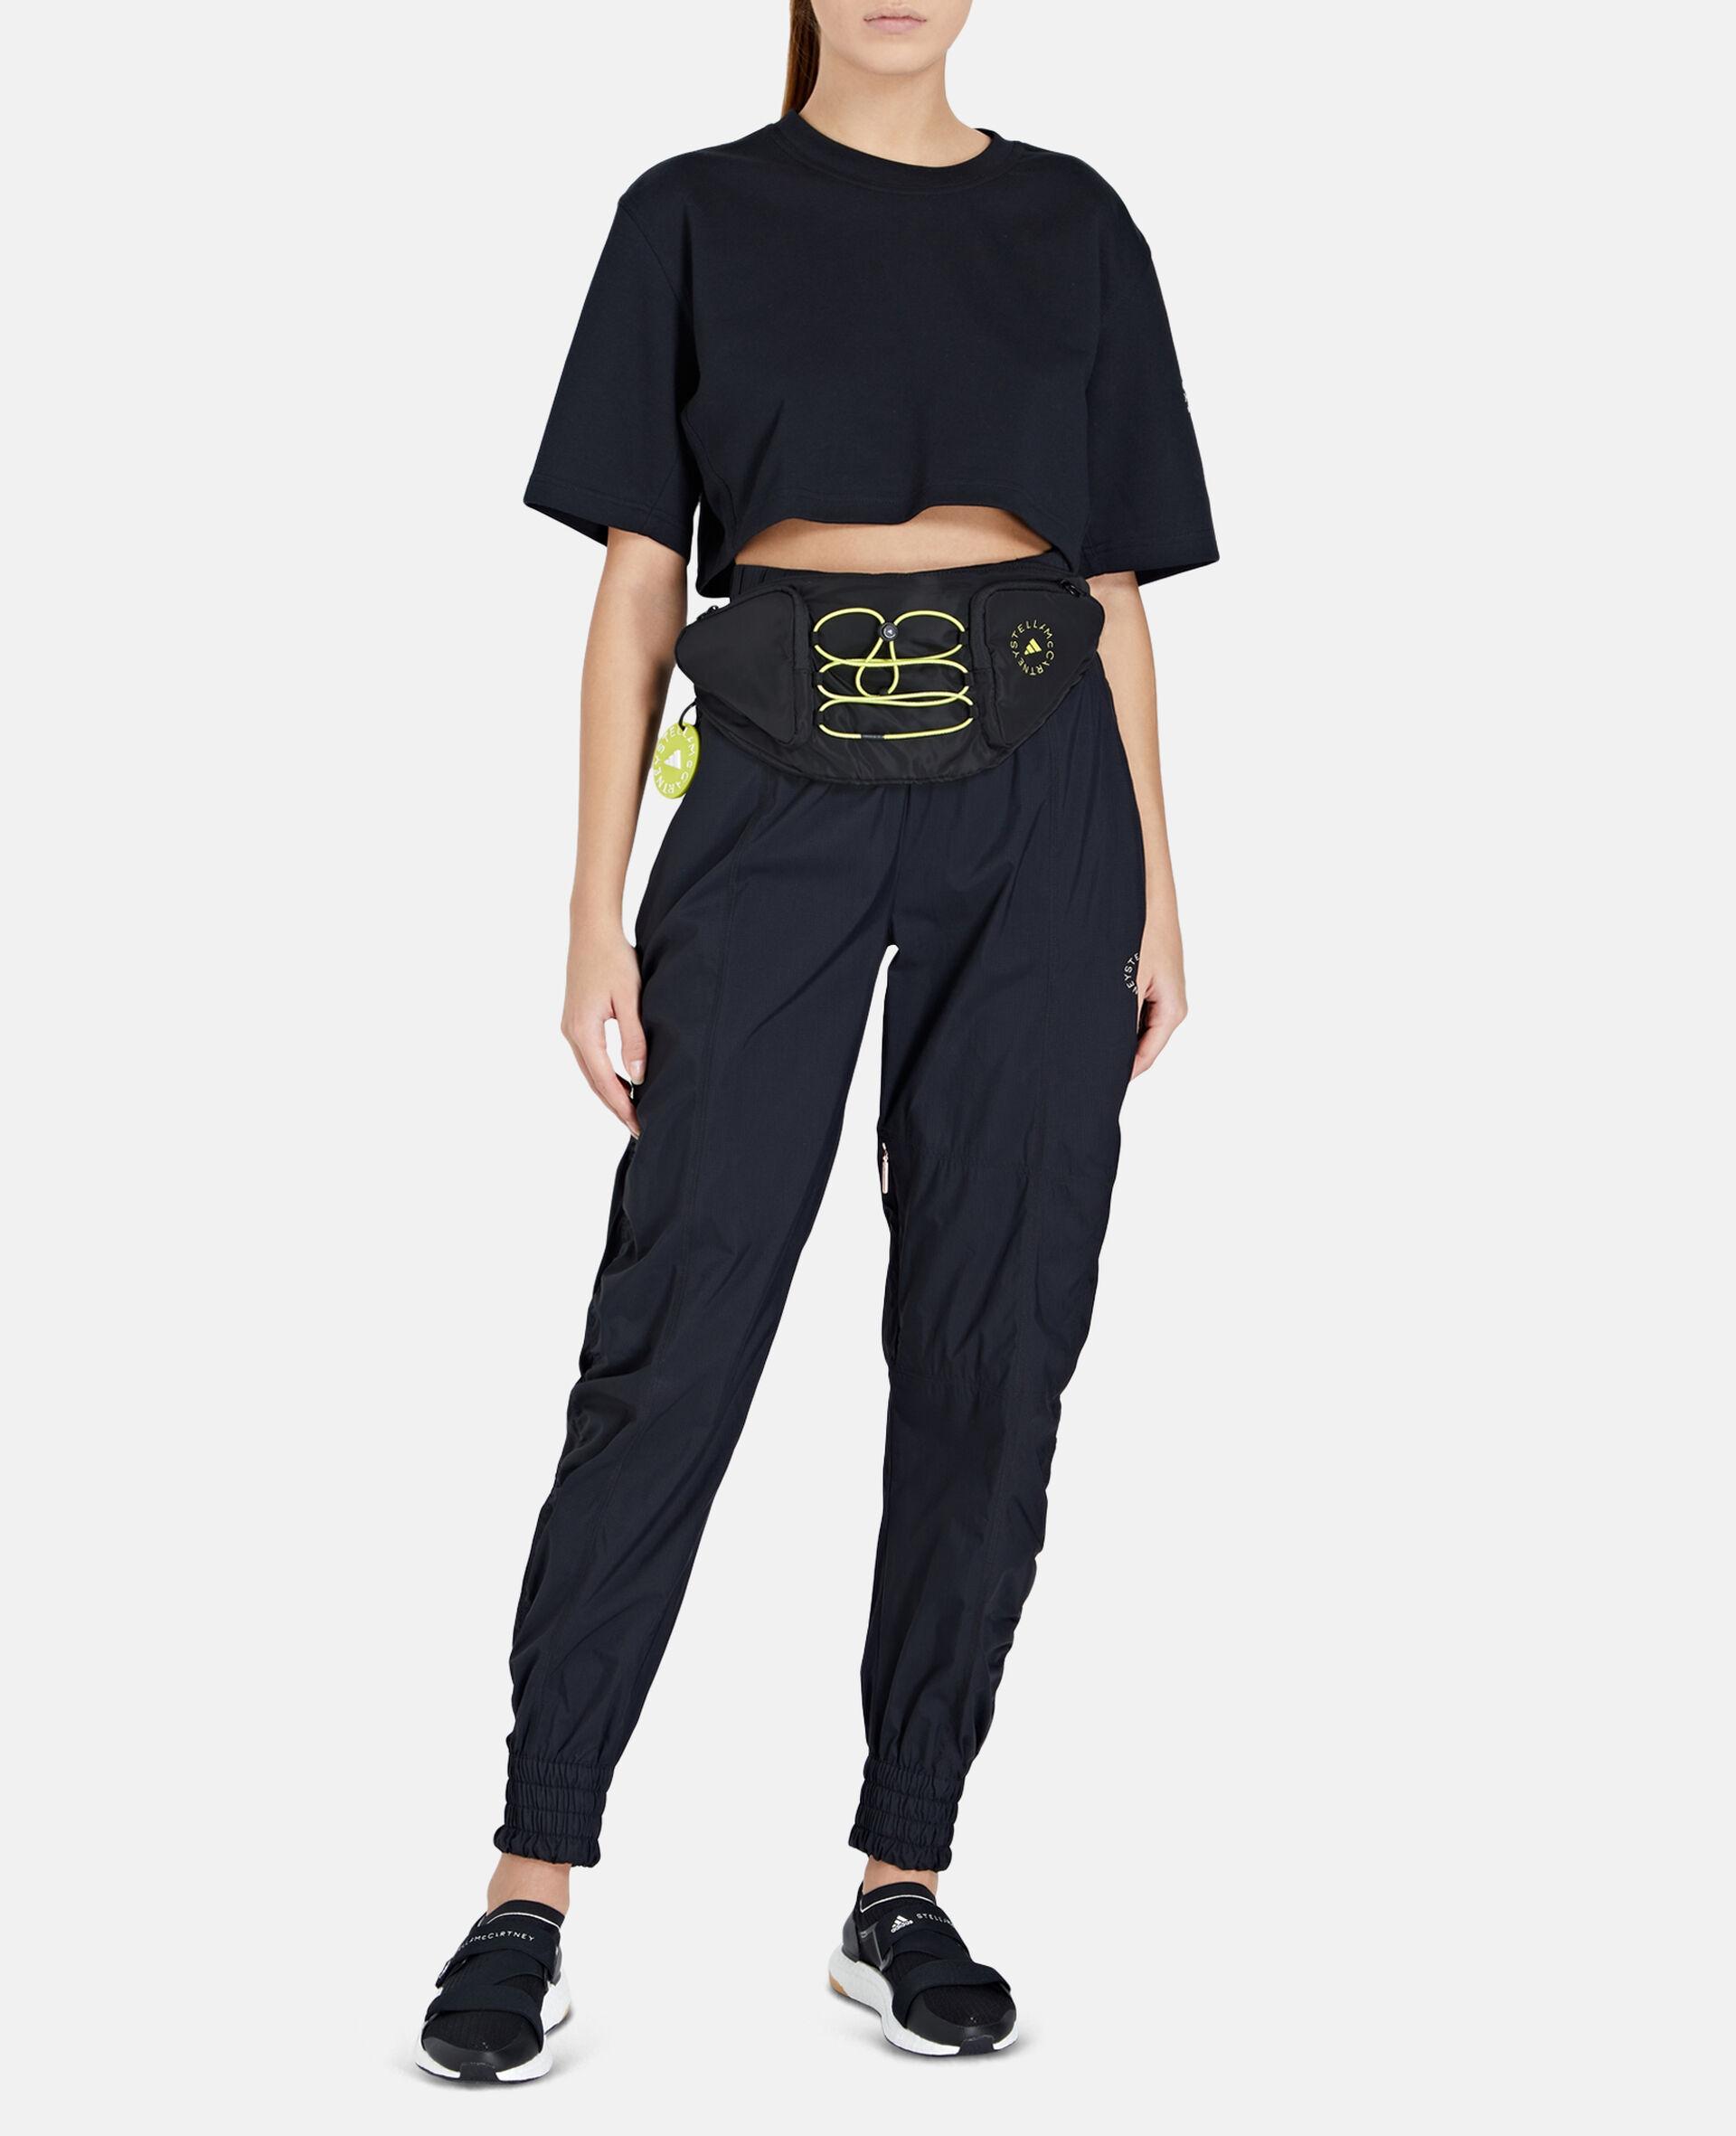 Black Running Belt Bag-Black-large image number 2